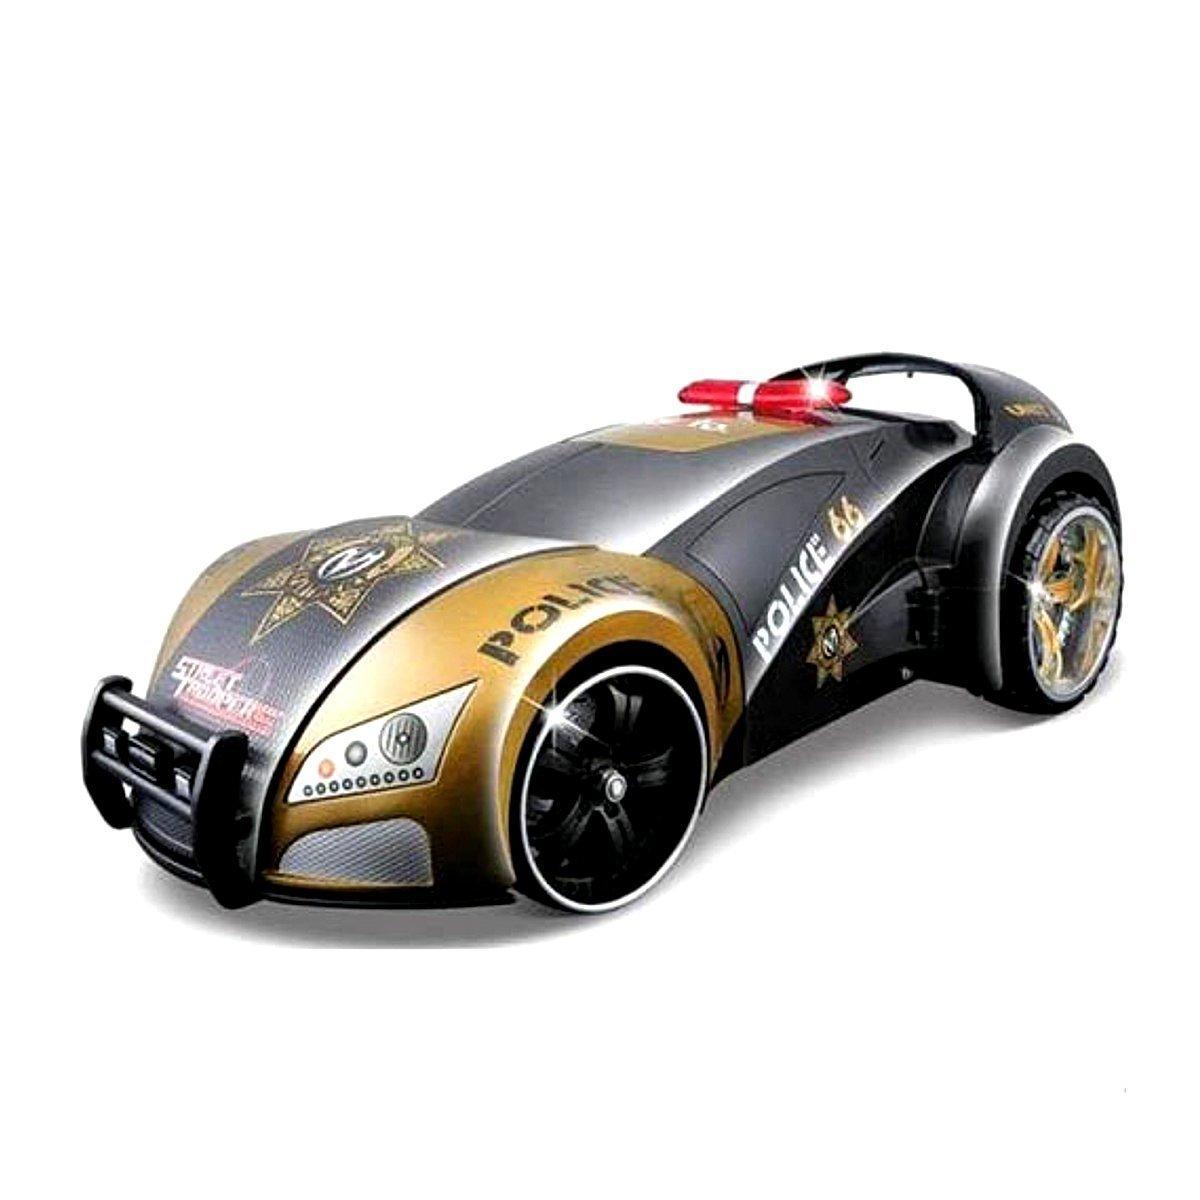 Автомодель-трансформер на РУ Street Troopers Project (золотисто-чёрный)  81107 gold/black     ТМ: Maisto